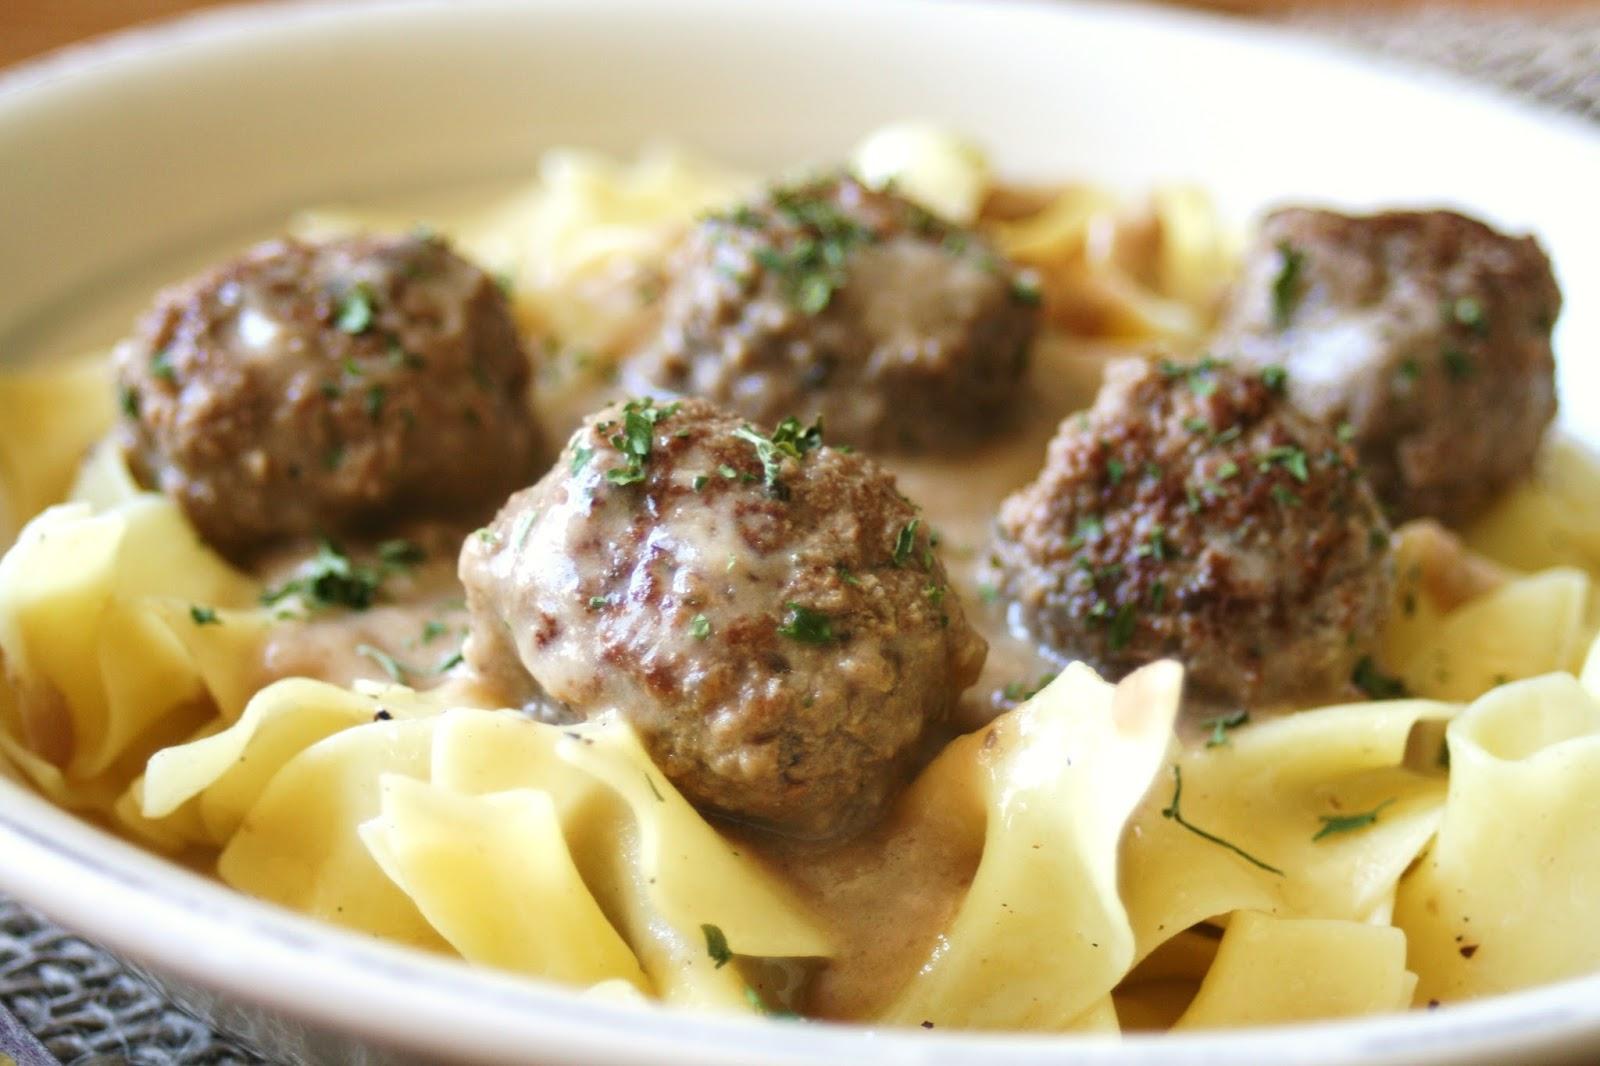 Thee Cook: Slow Cooker Meatballs in Gravy